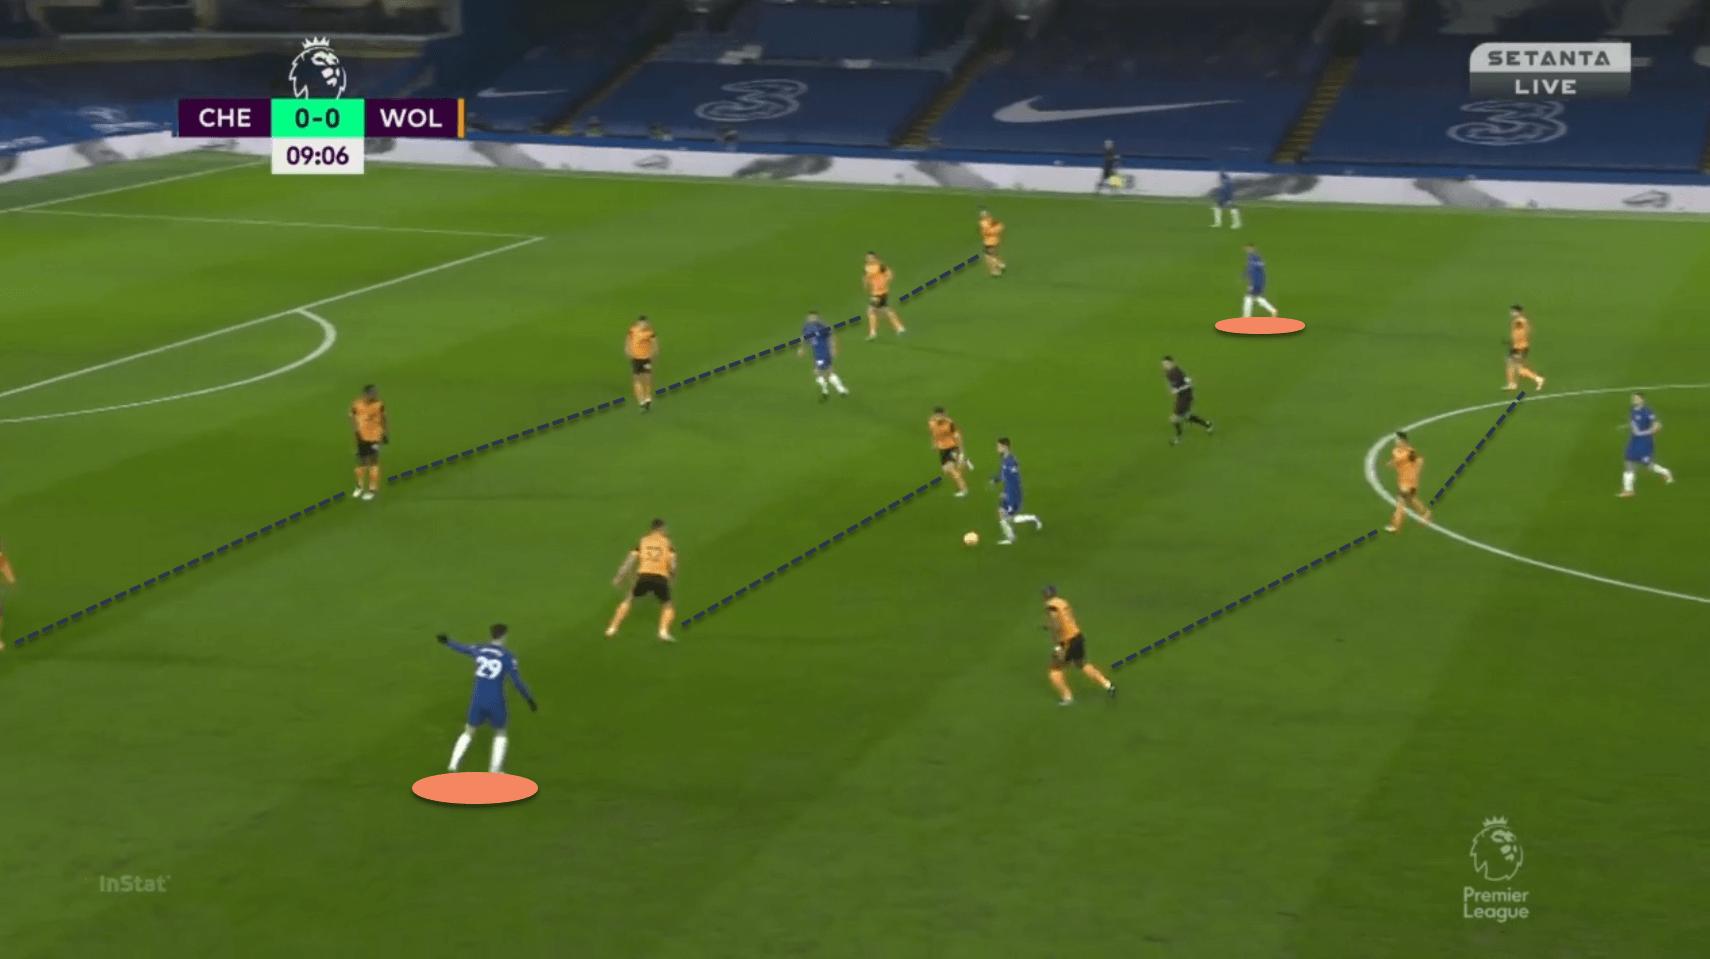 Chelsea Wolves Thomas Tuchel Premier League tactical analysis tactics